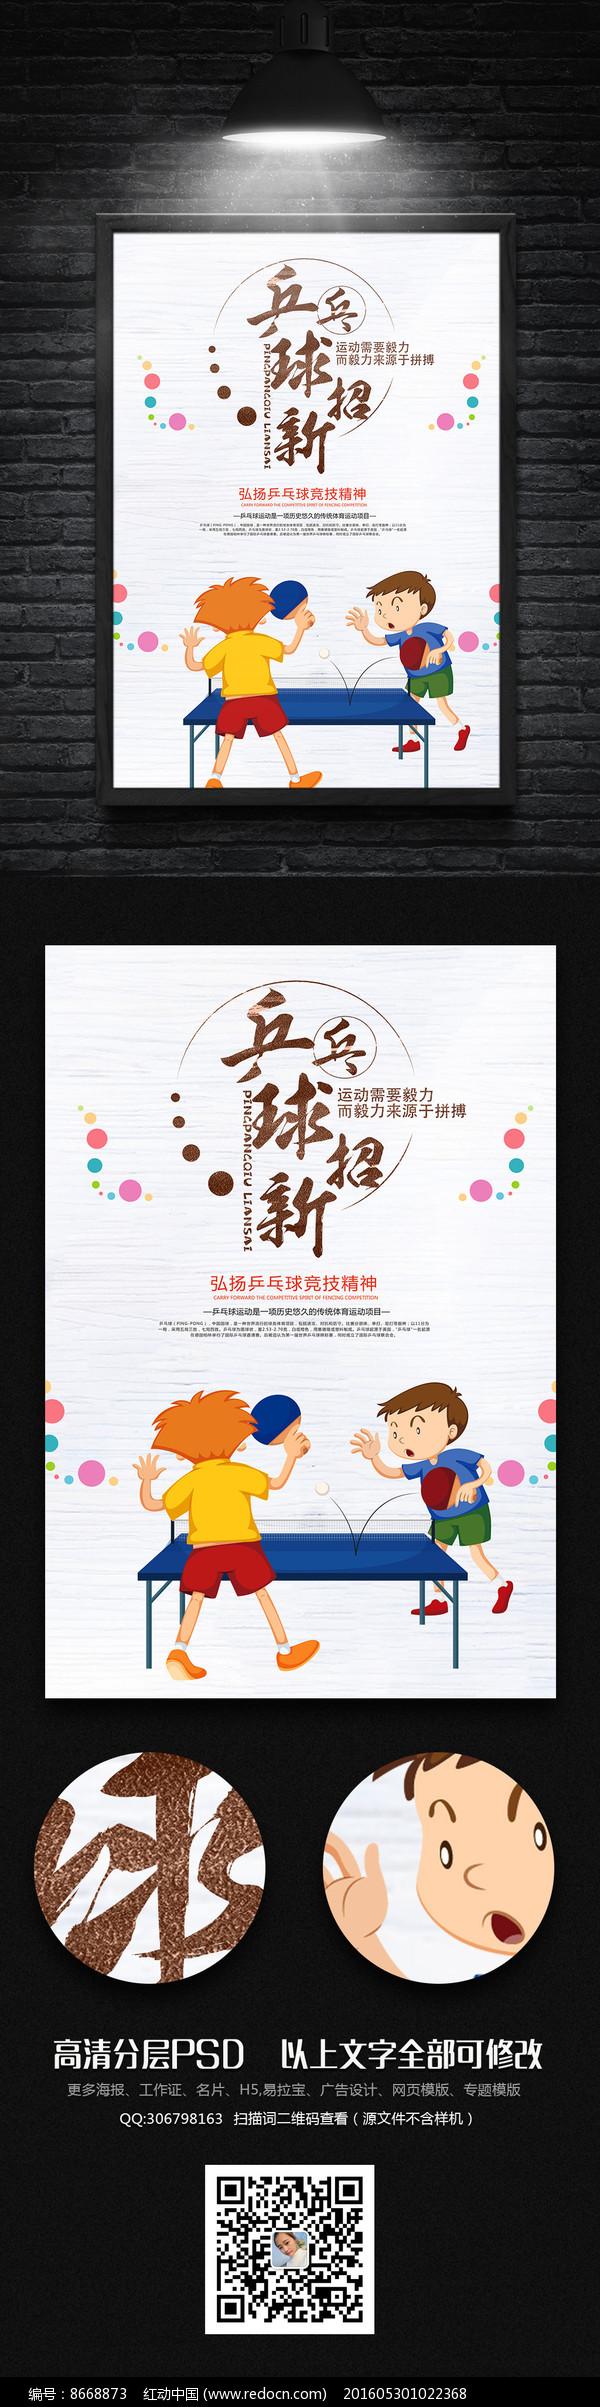 卡通乒乓球比赛招新海报模版图片